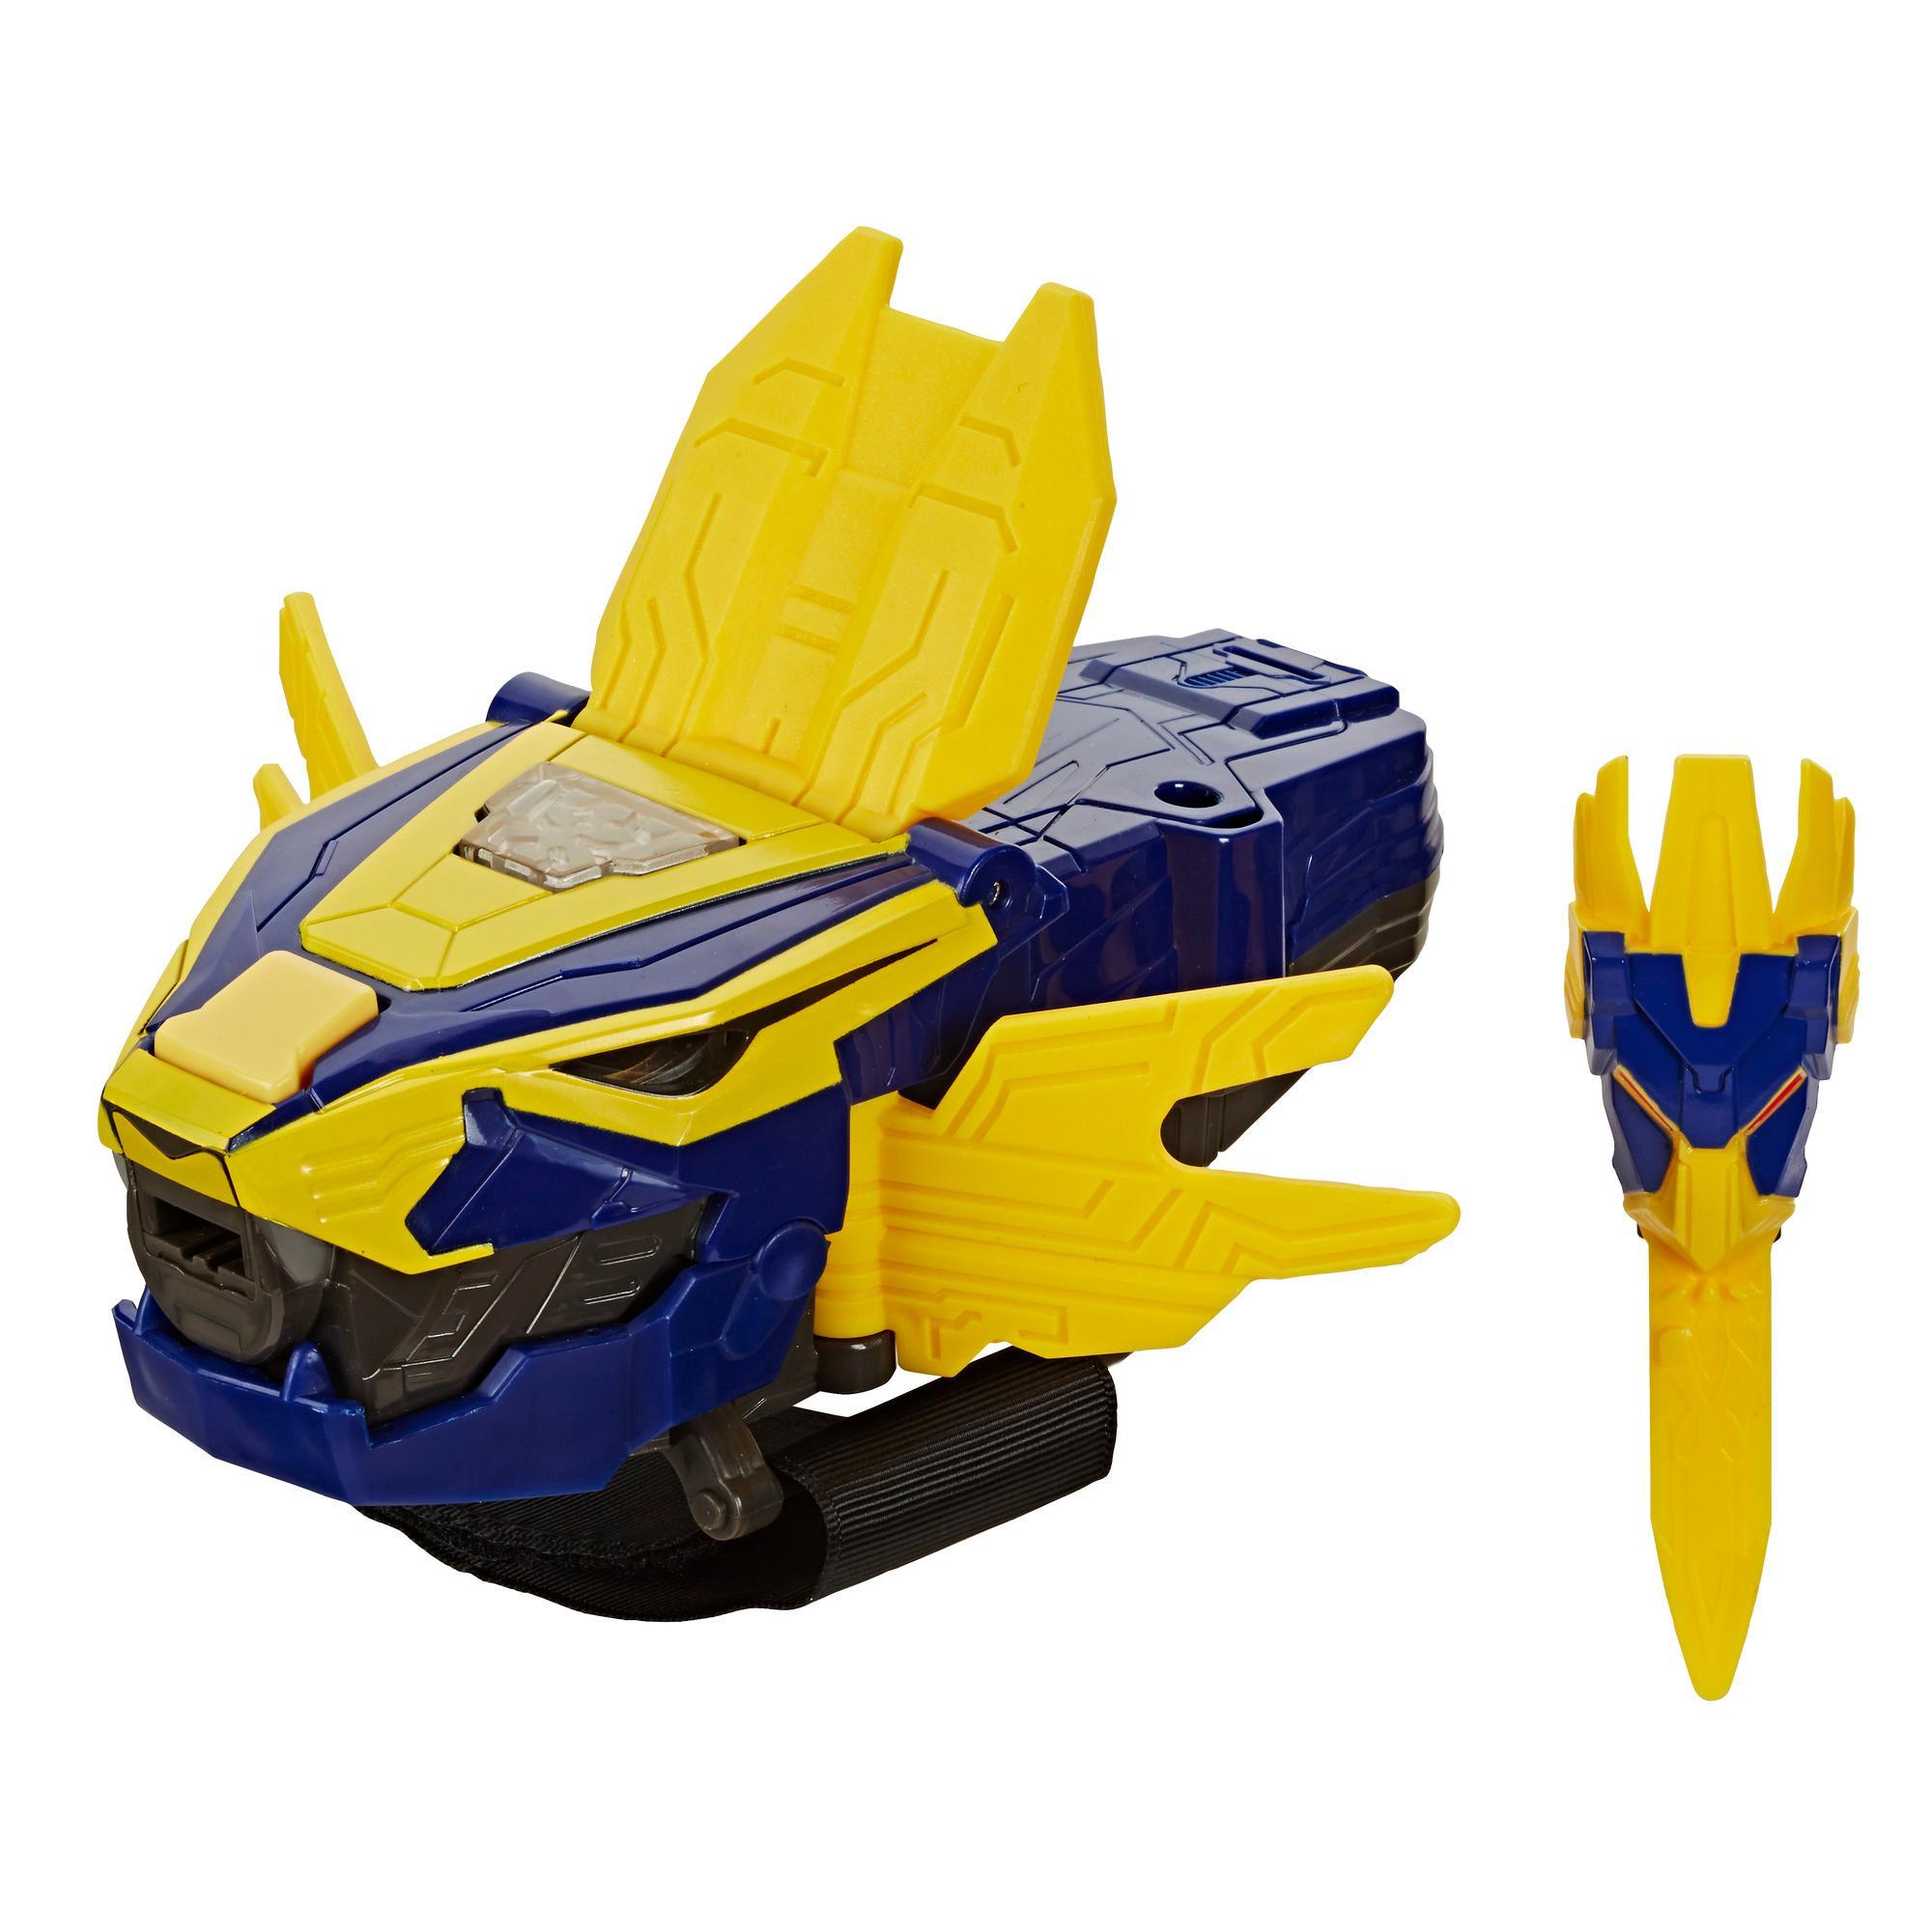 Elektronische Power Rangers Beast Morphers Beast-X King Morpher Figur mit Lichtern und über 20 Sounds